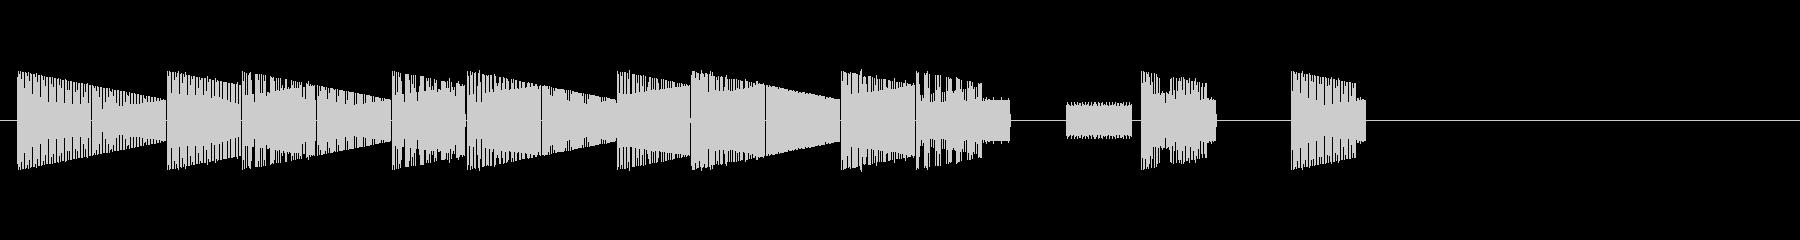 本格的ファミコン 可愛い系オープニングの未再生の波形